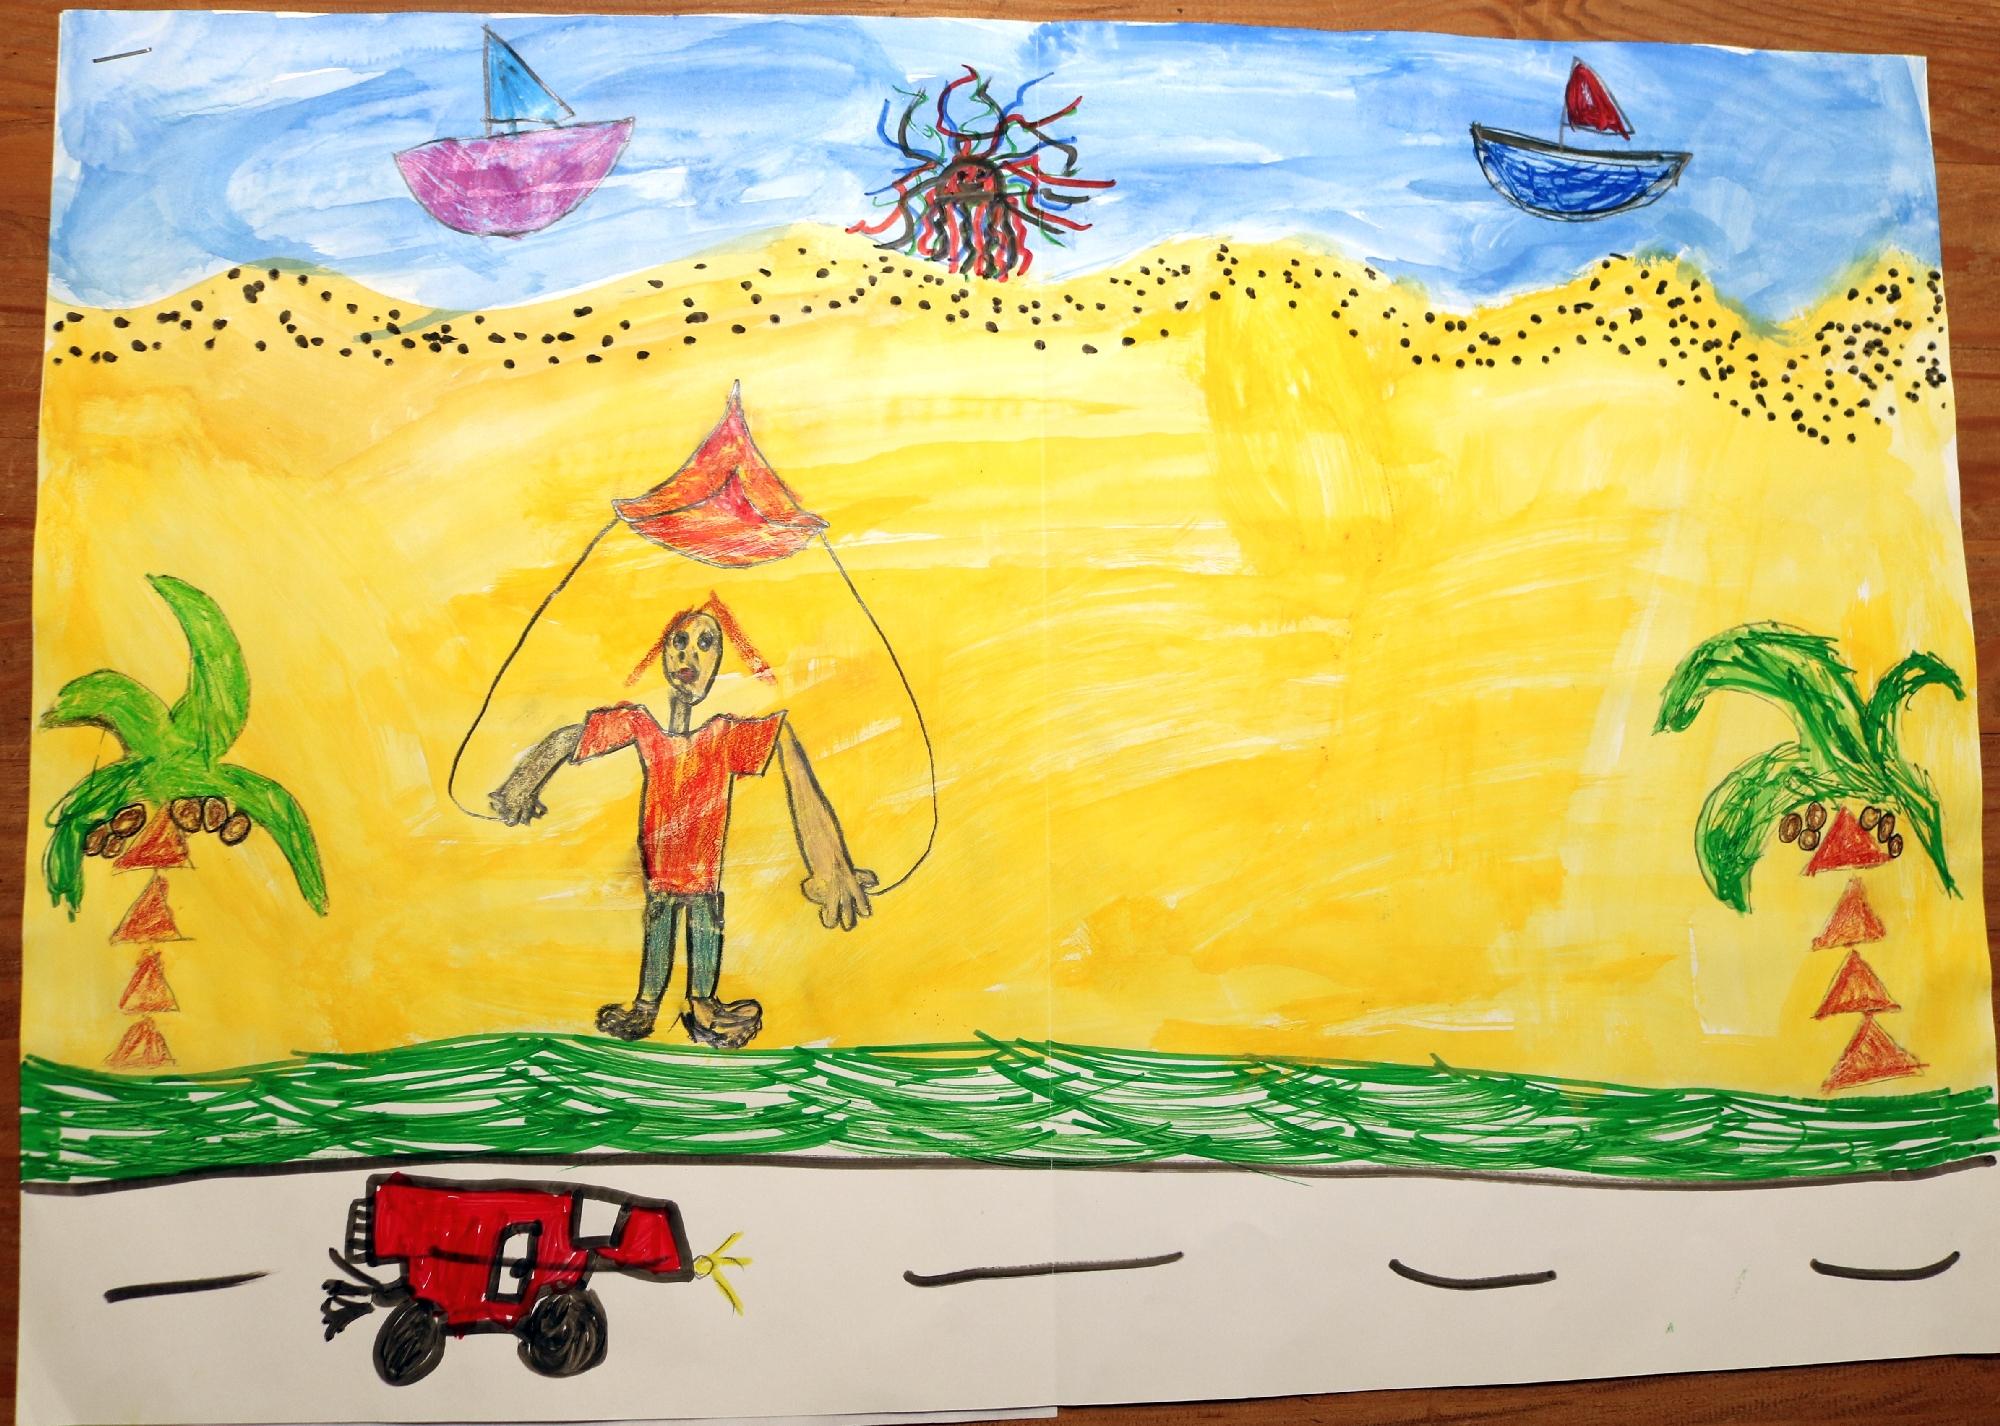 2020 Malwettbewerb Ich male gerne in der Coronazeit Bilder vom Urlaub und hoffe, dass ich bald wieder an den Strand darf (Laura 8 Jahre) web